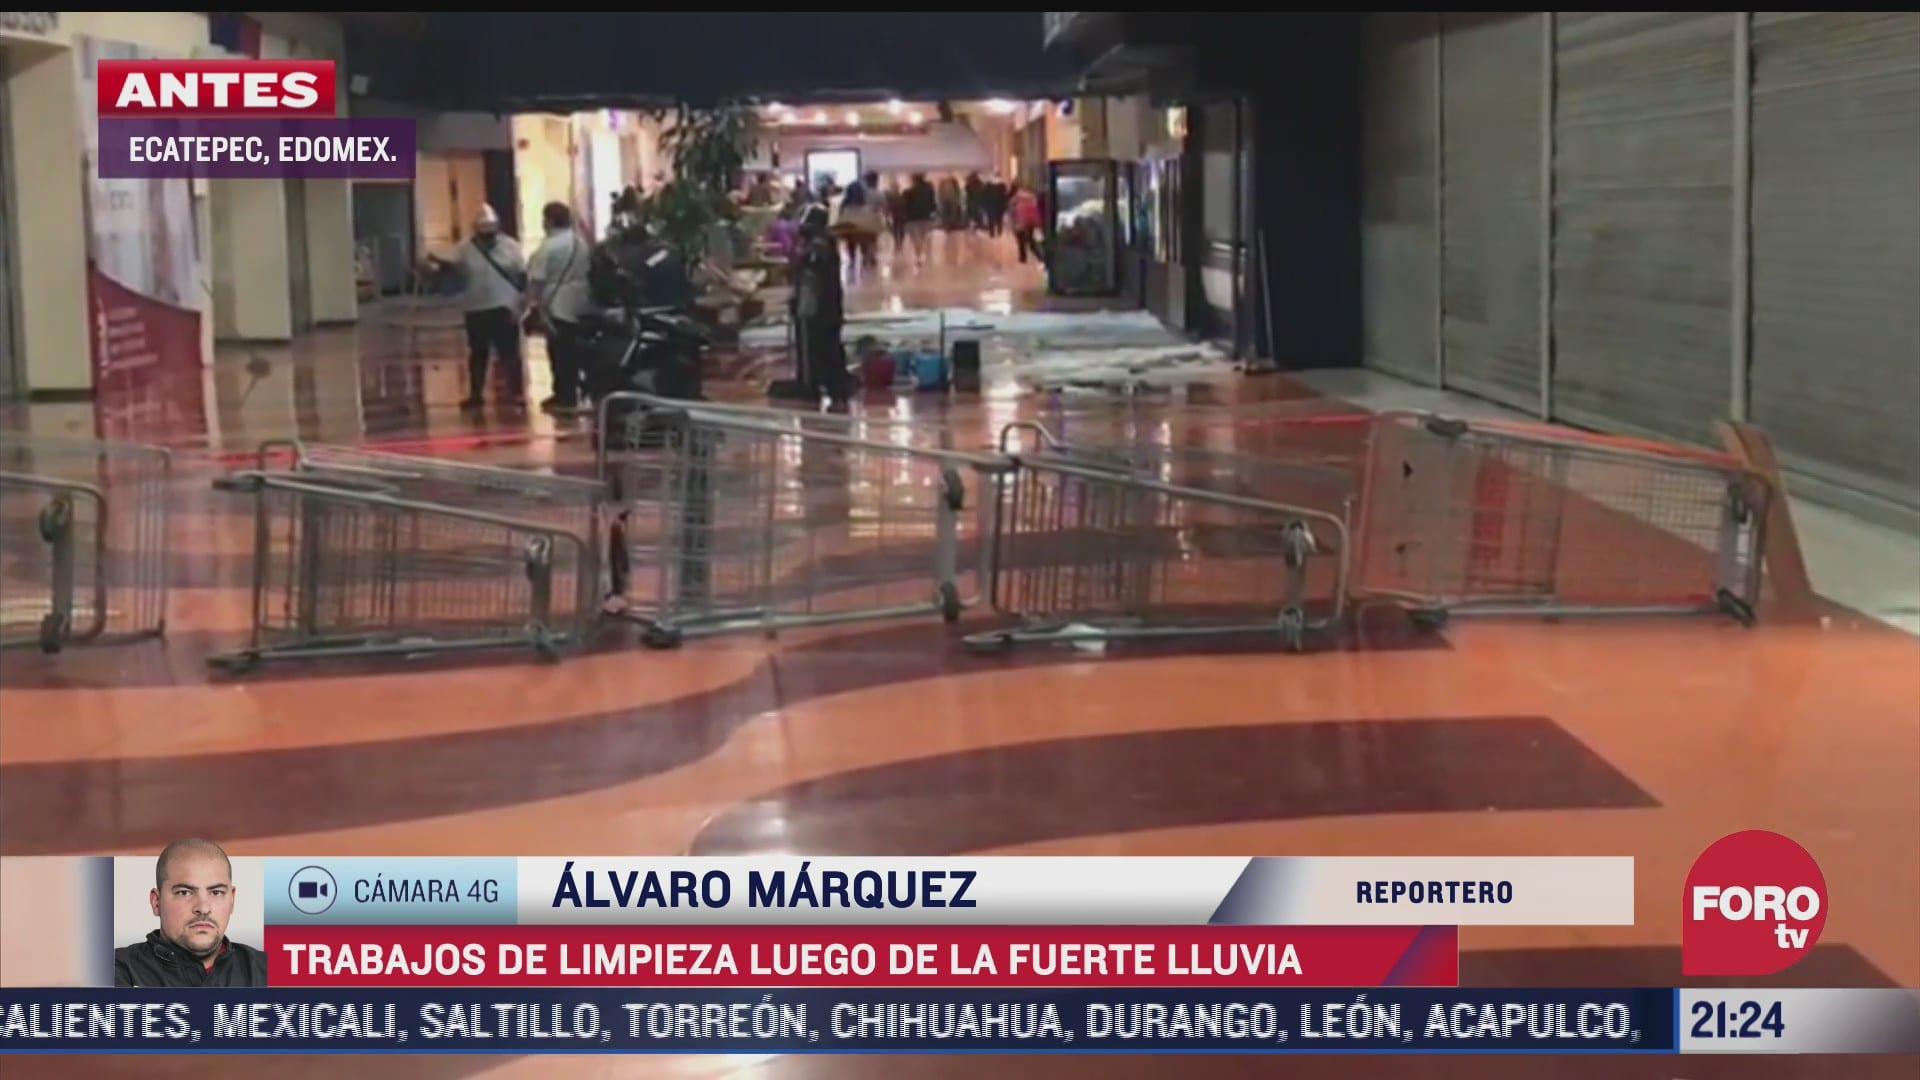 encharcamientos en plaza comercial por granizada en ecatepec